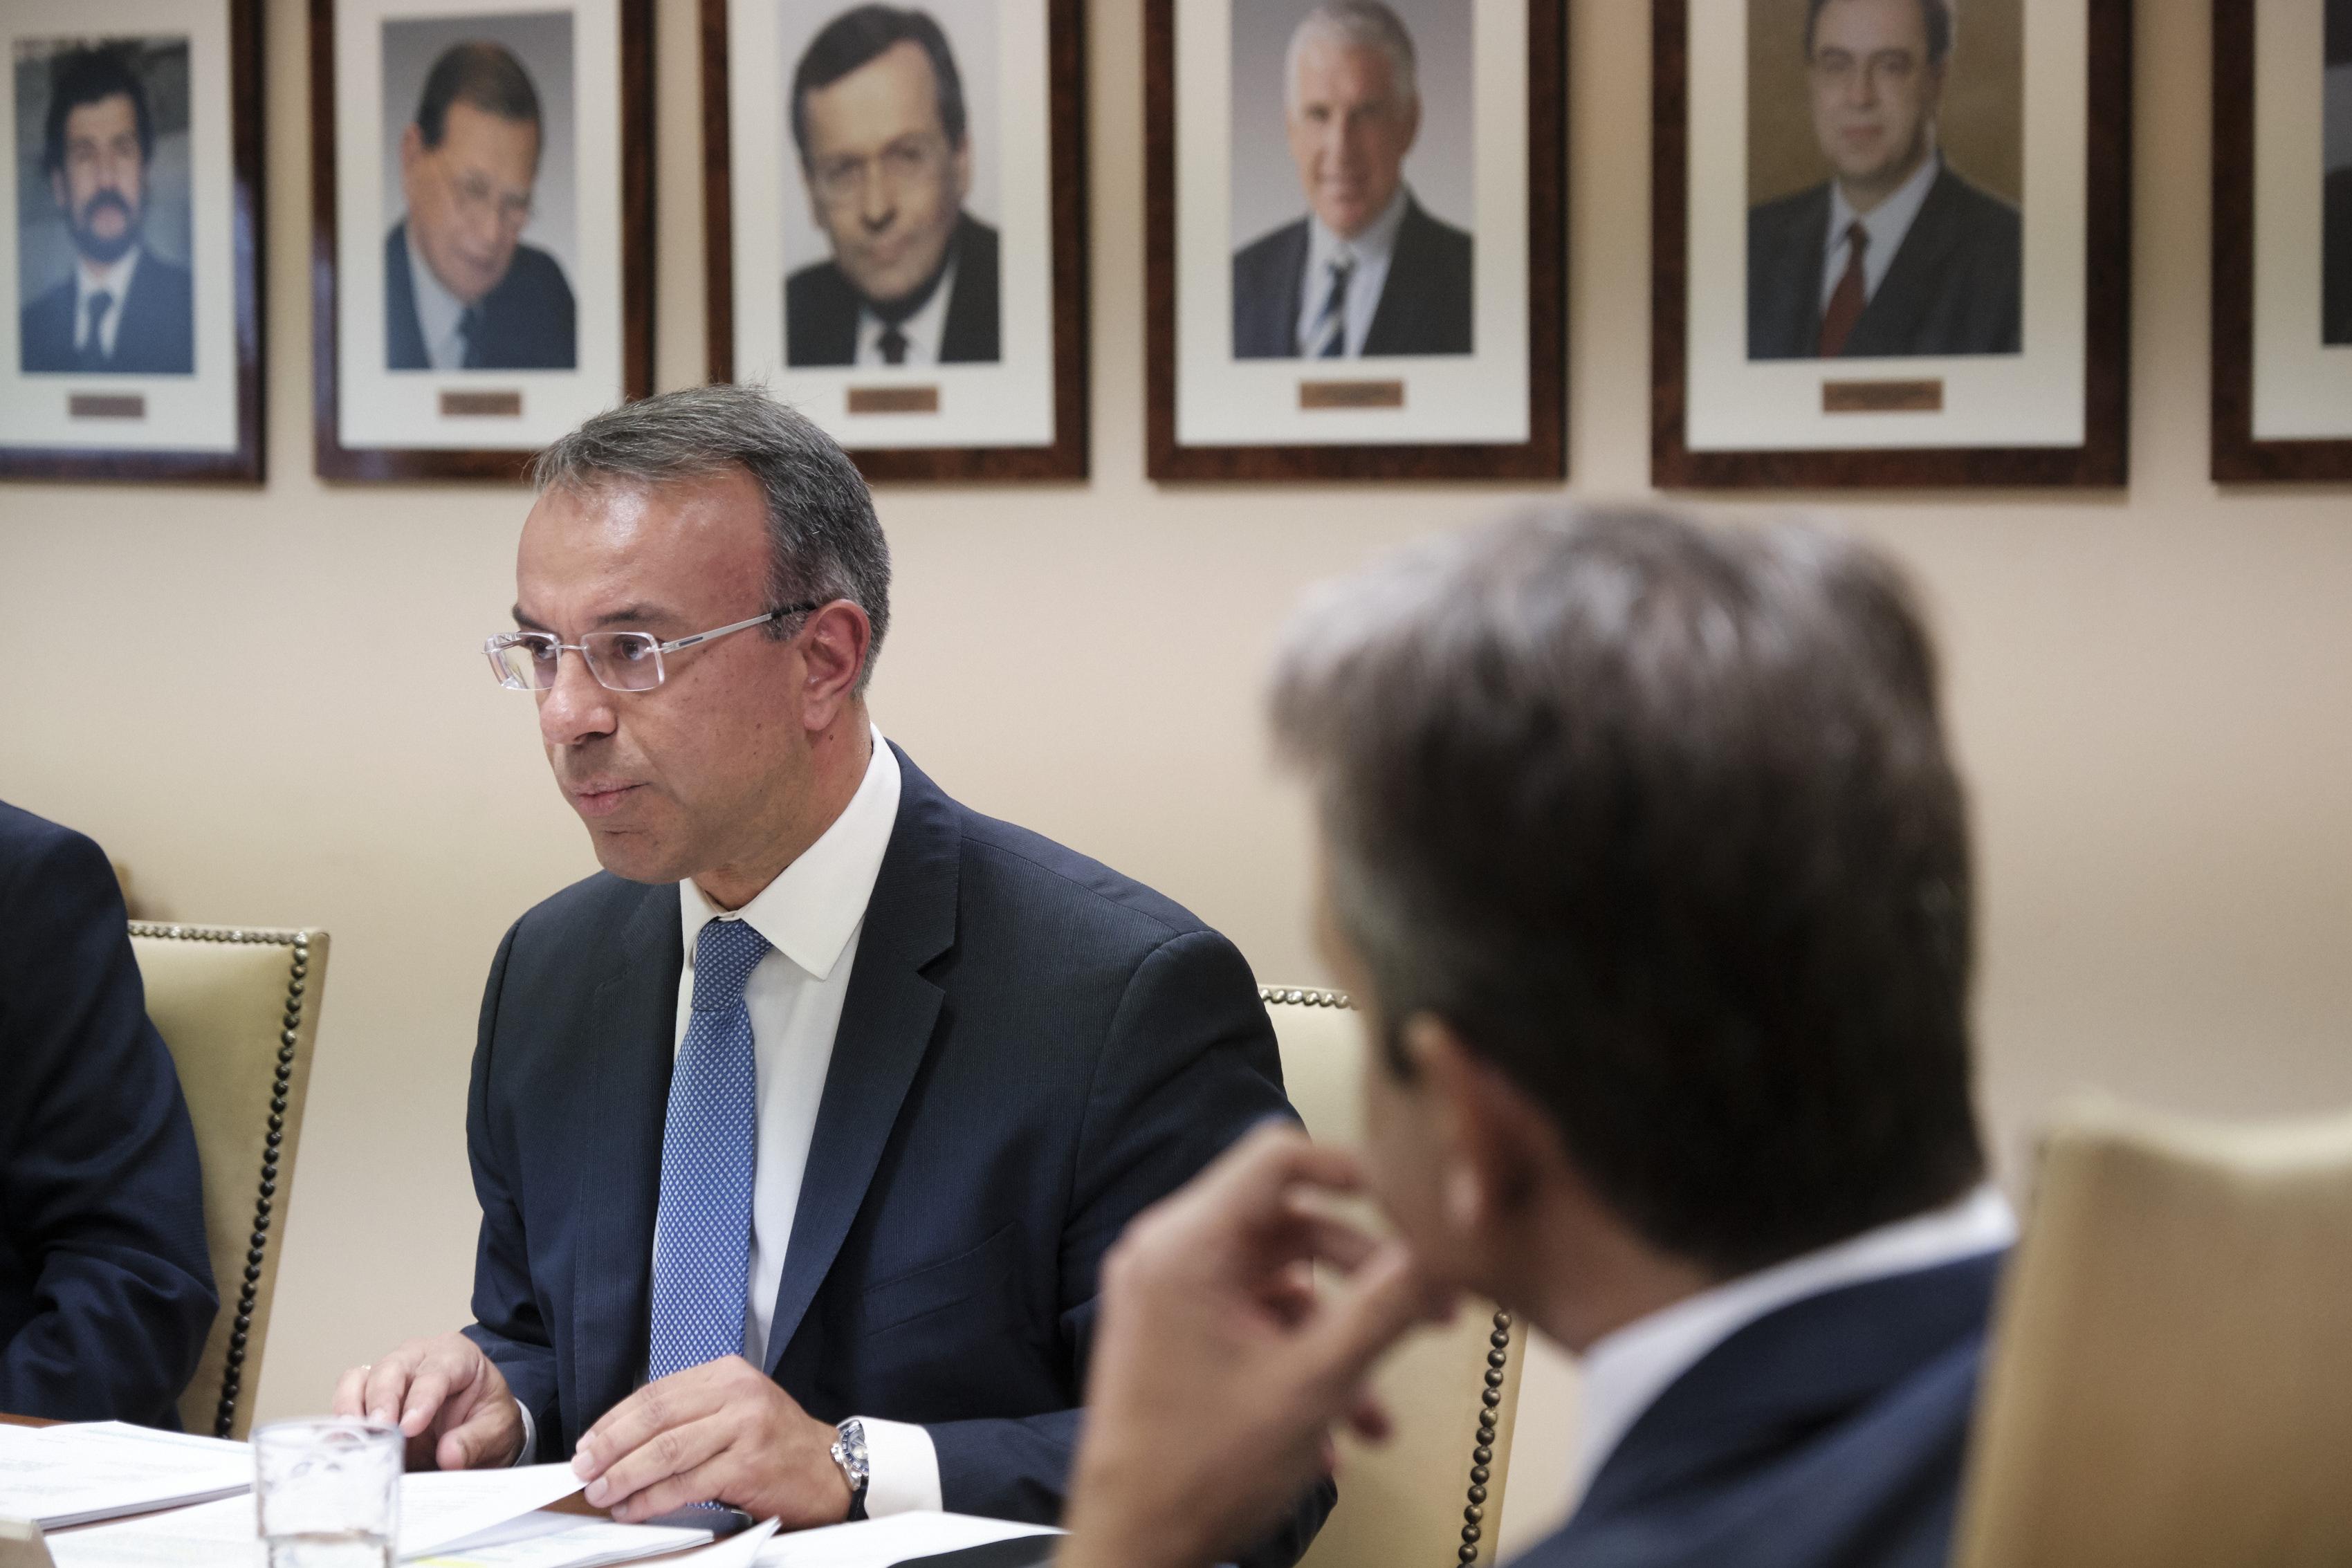 Προϋπολογισμός: Δημοσιονομικό κενό βλέπουν οι δανειστές και ζητούν Plan B από την κυβέρνηση – Θα τηρηθούν οι δεσμεύσεις διαμηνύει η Αθήνα